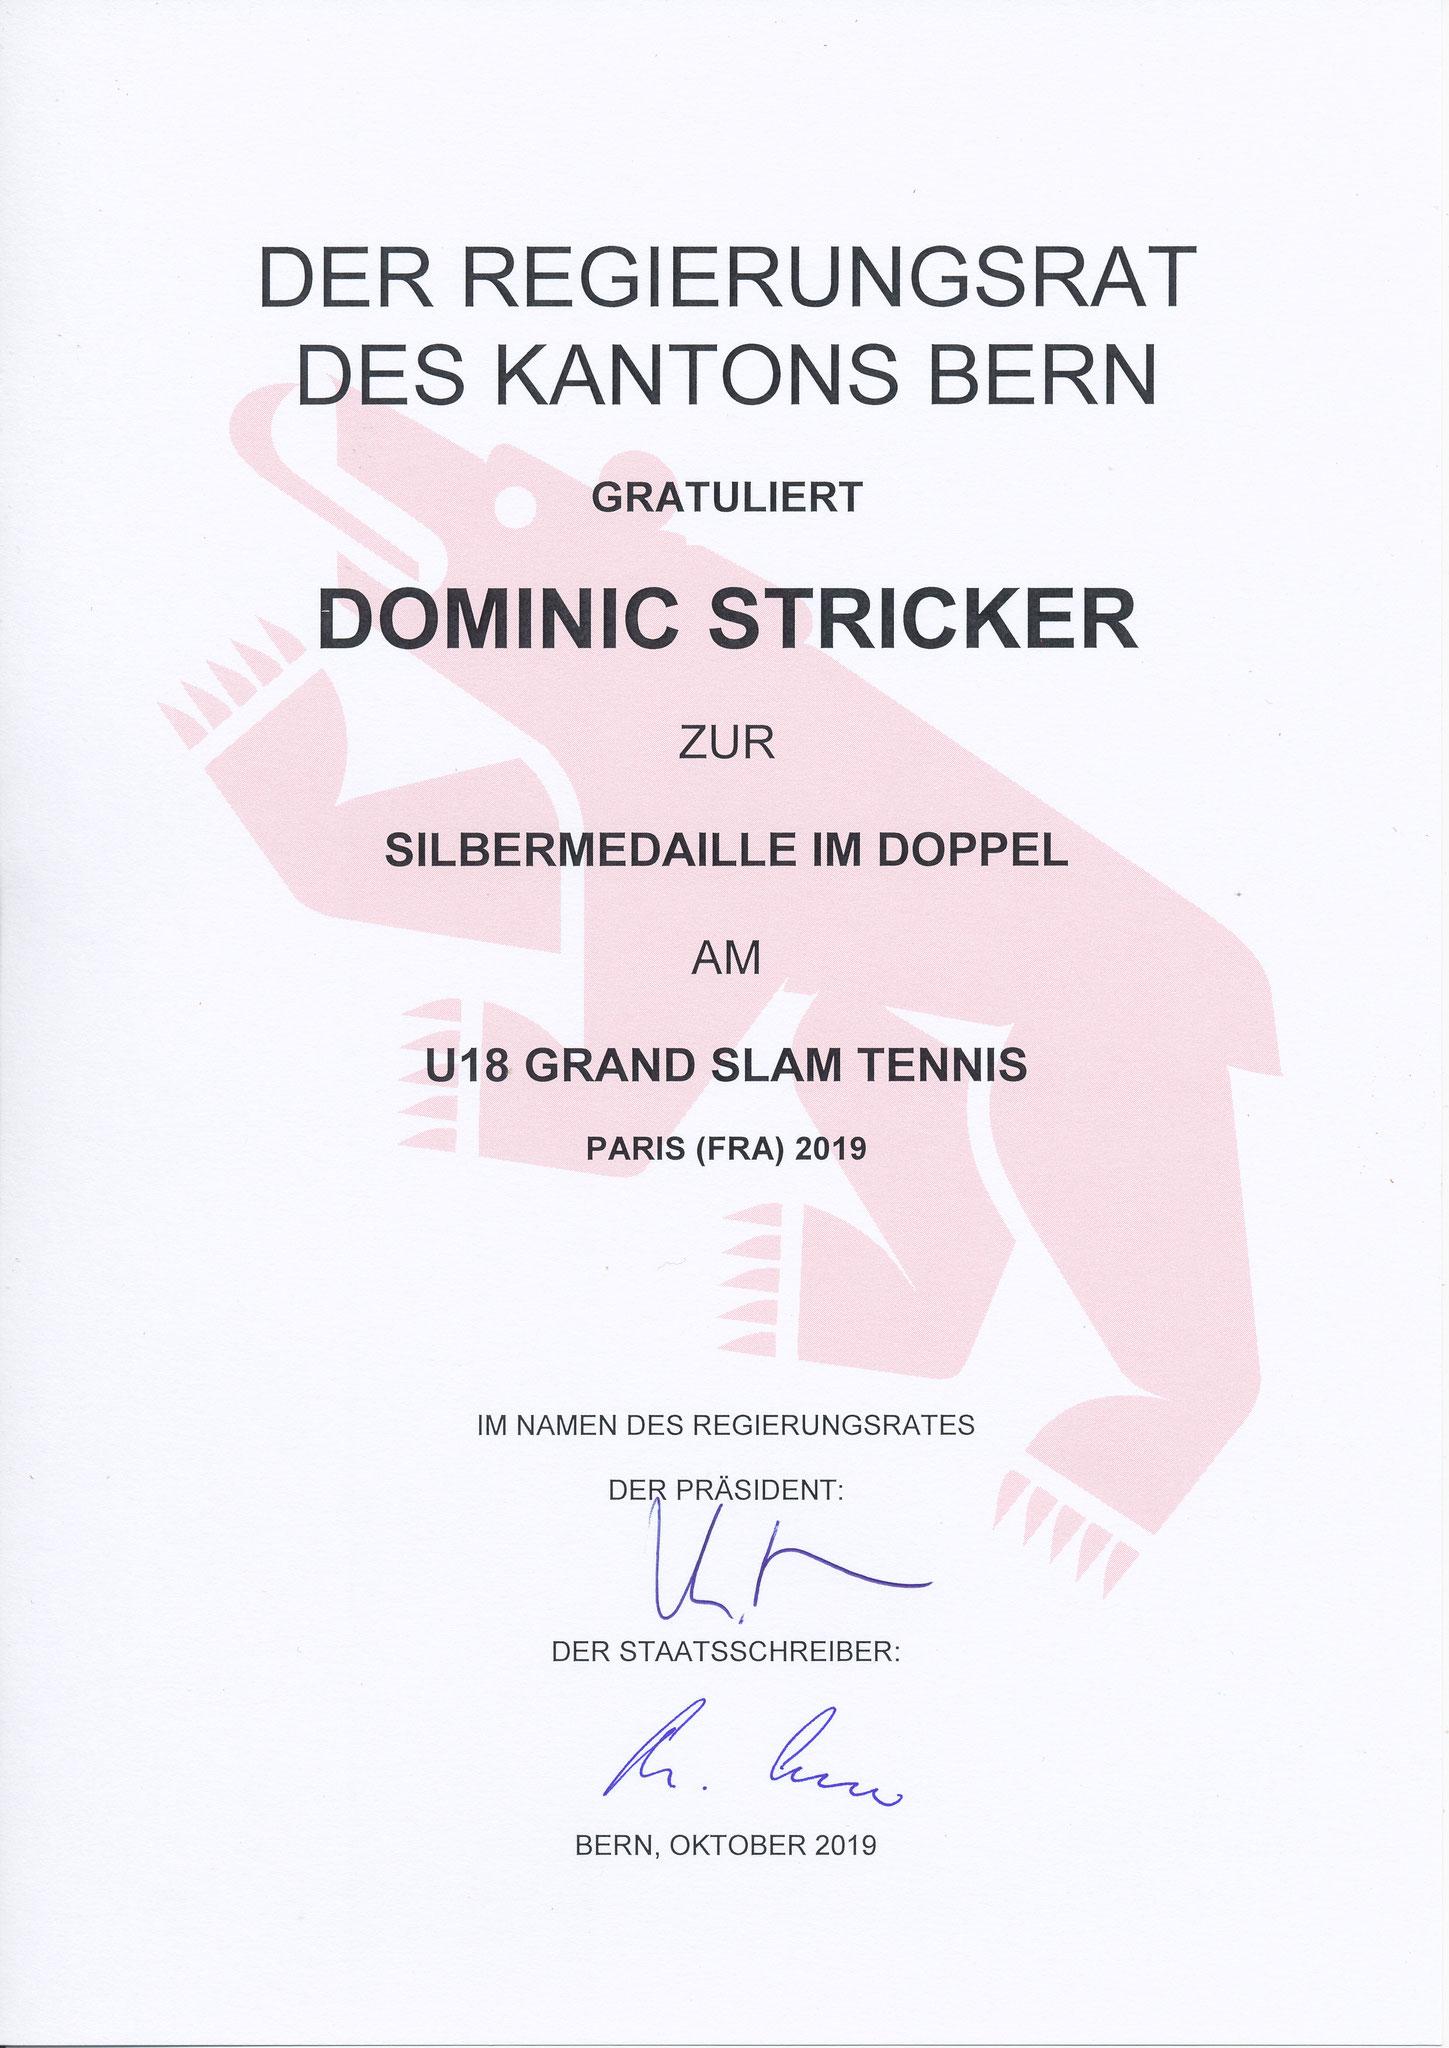 Dominic wird an der Sportlerehrung 2019 des Kantons Bern geehrt.